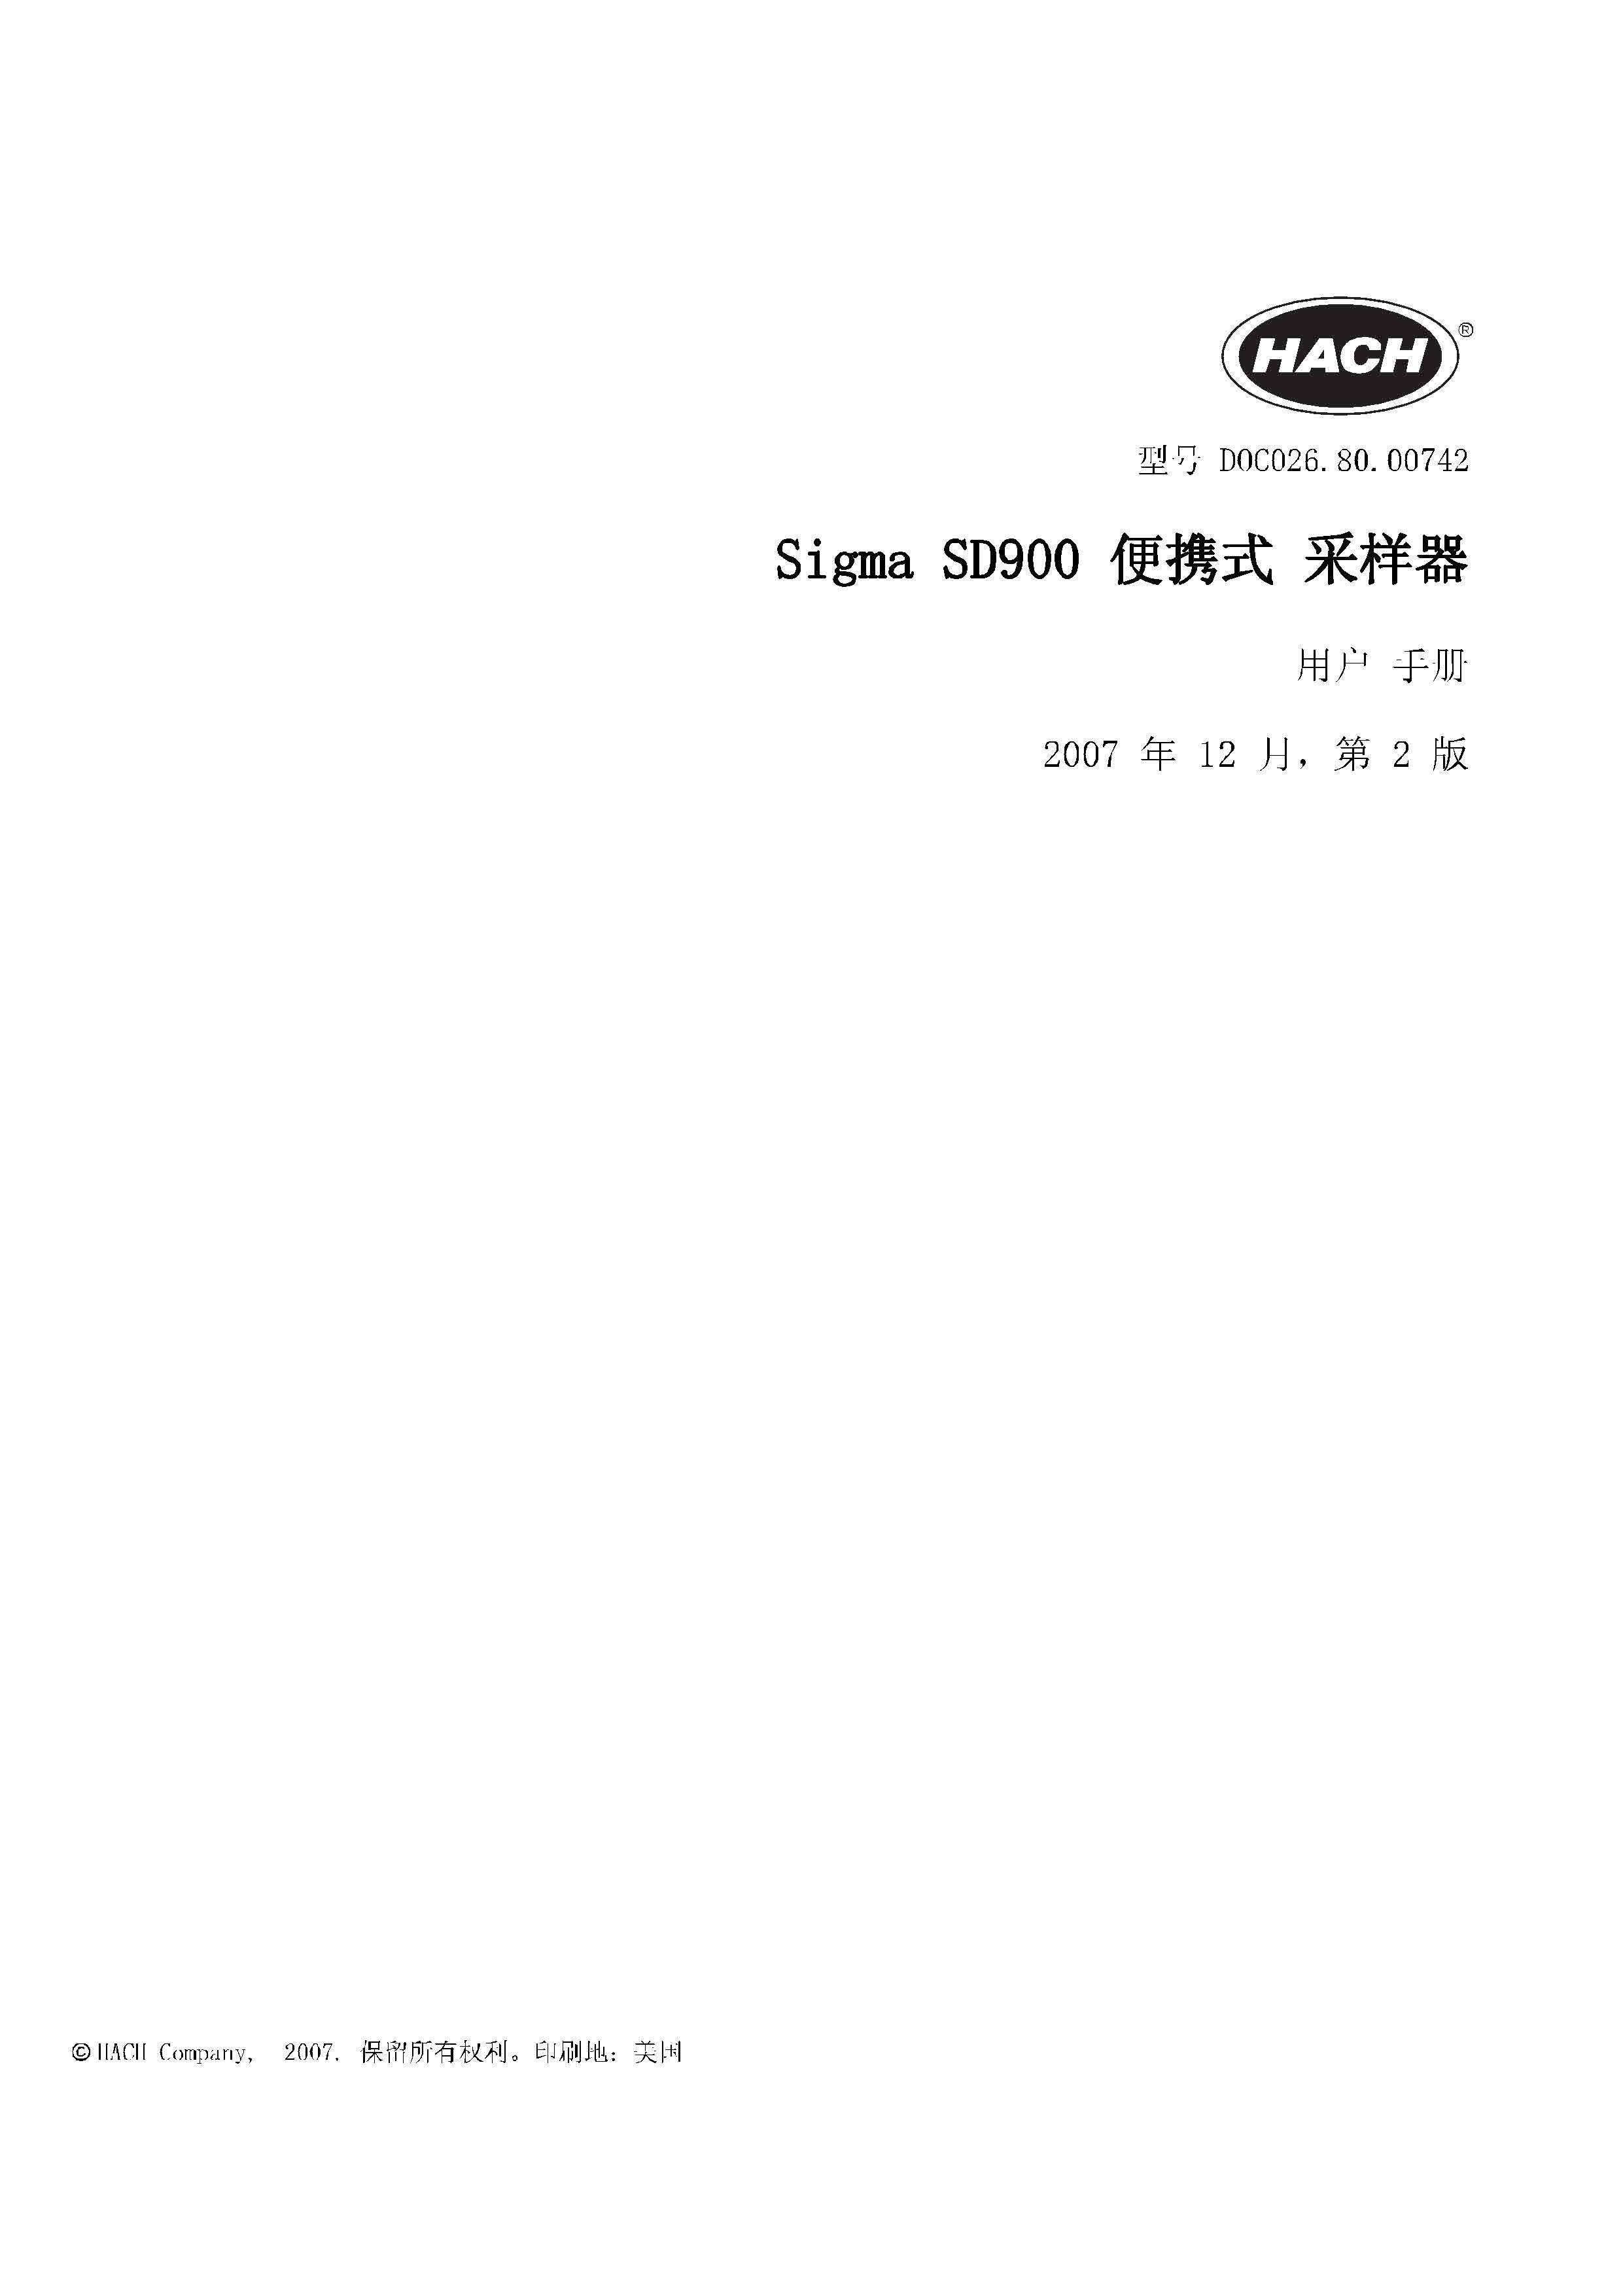 Sigma SD900 便携式采样器操作手册